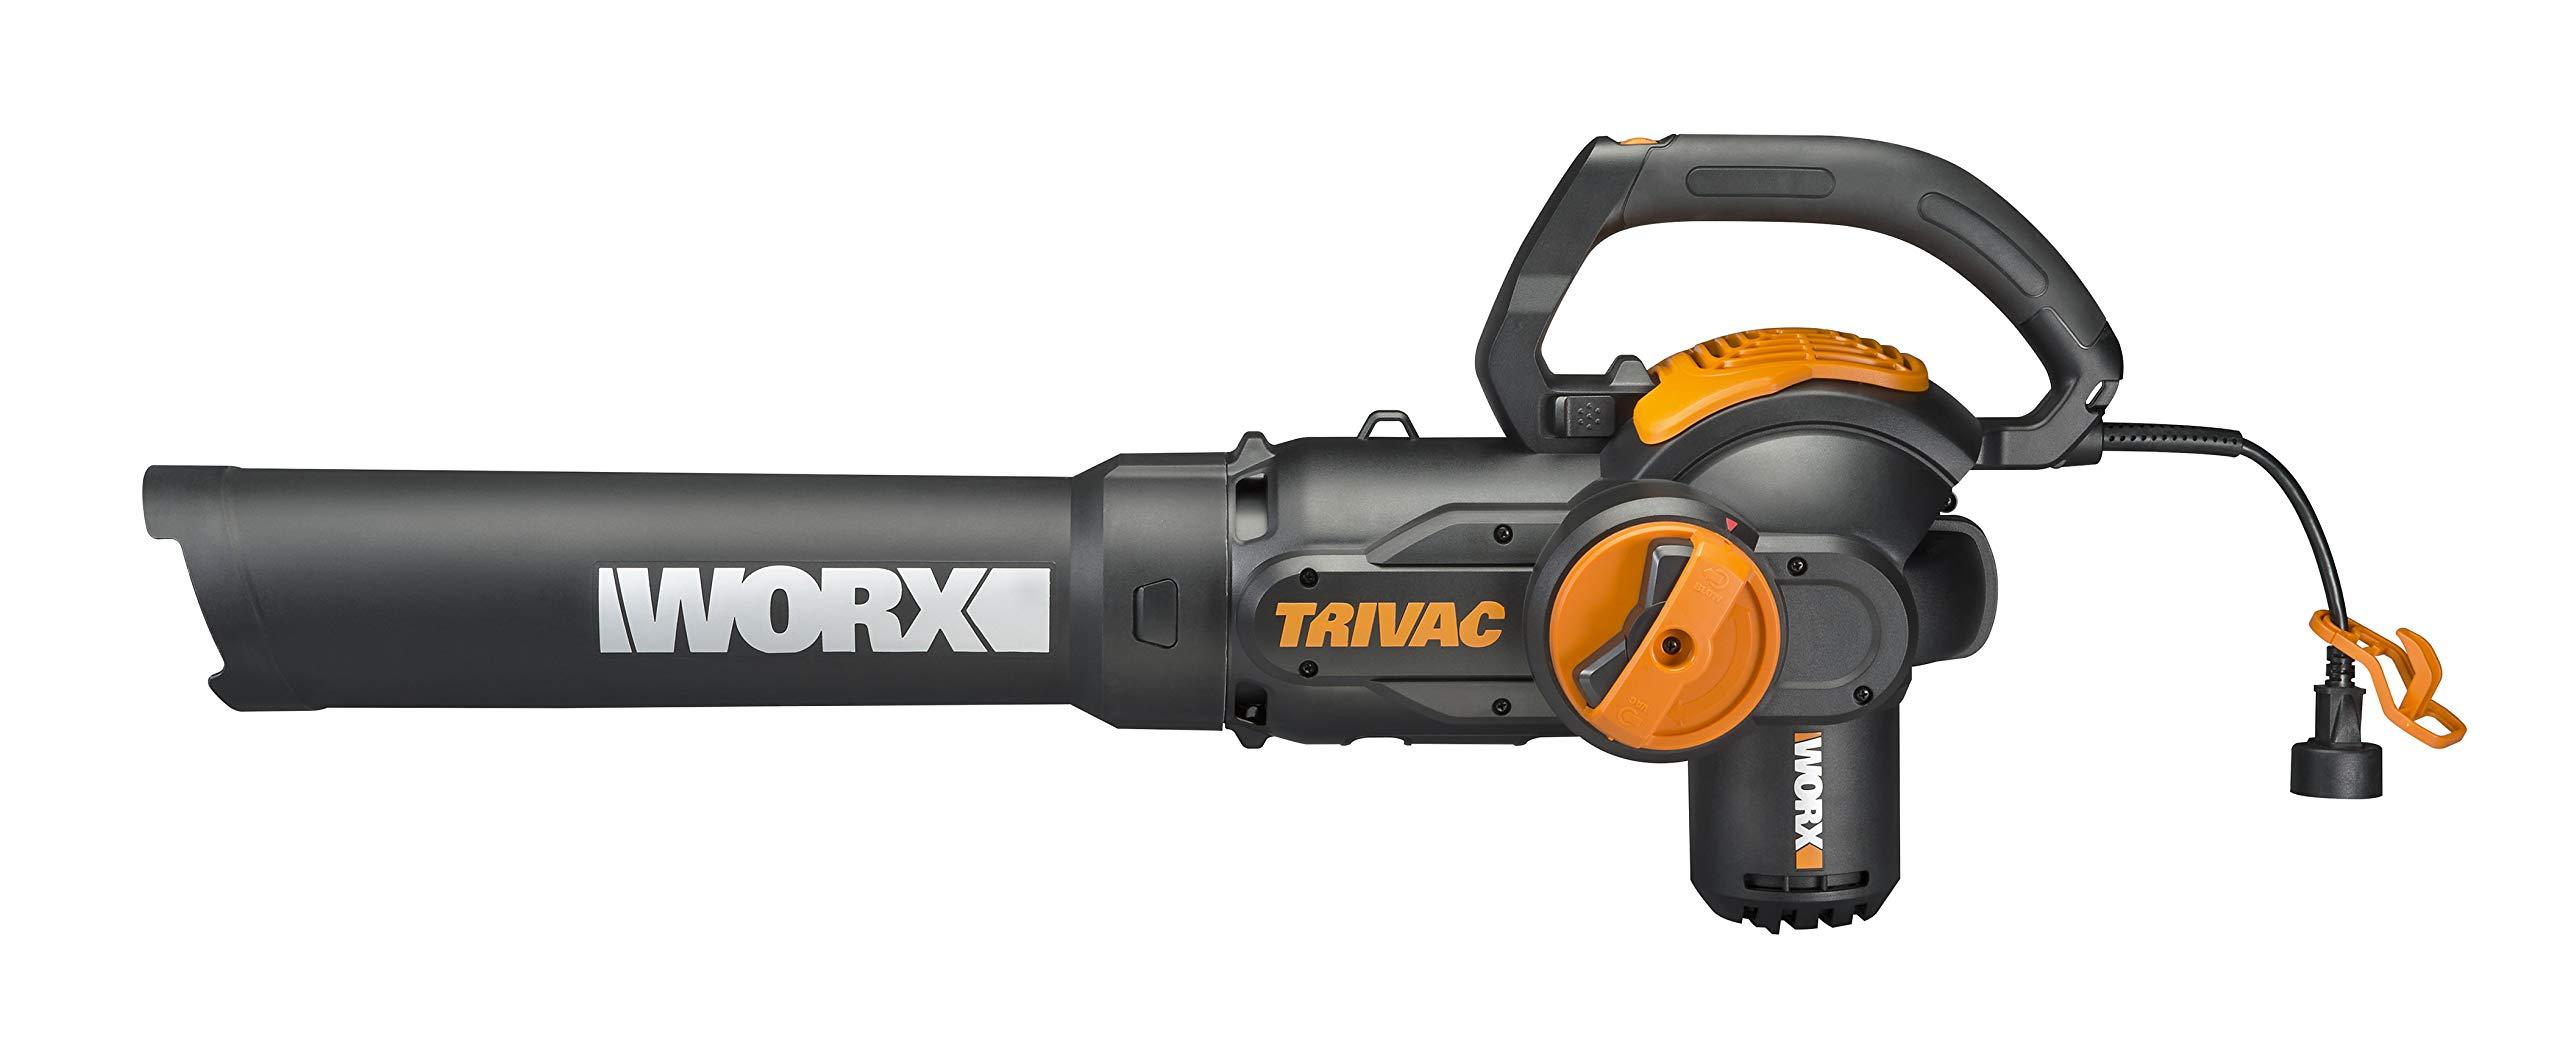 WORX-WG512-Trivac-20-Elektrische-VakuumblheMulcherVac-12-A-SchwarzOrange